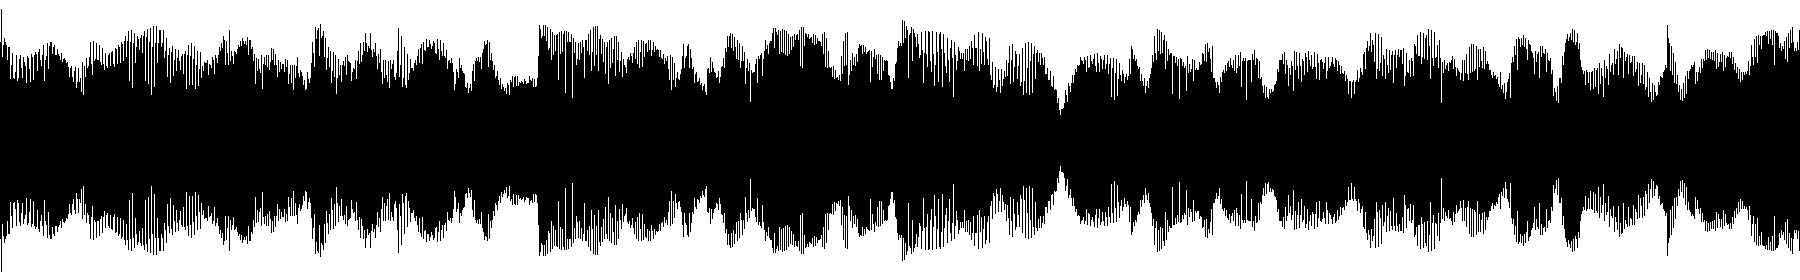 bass11 130